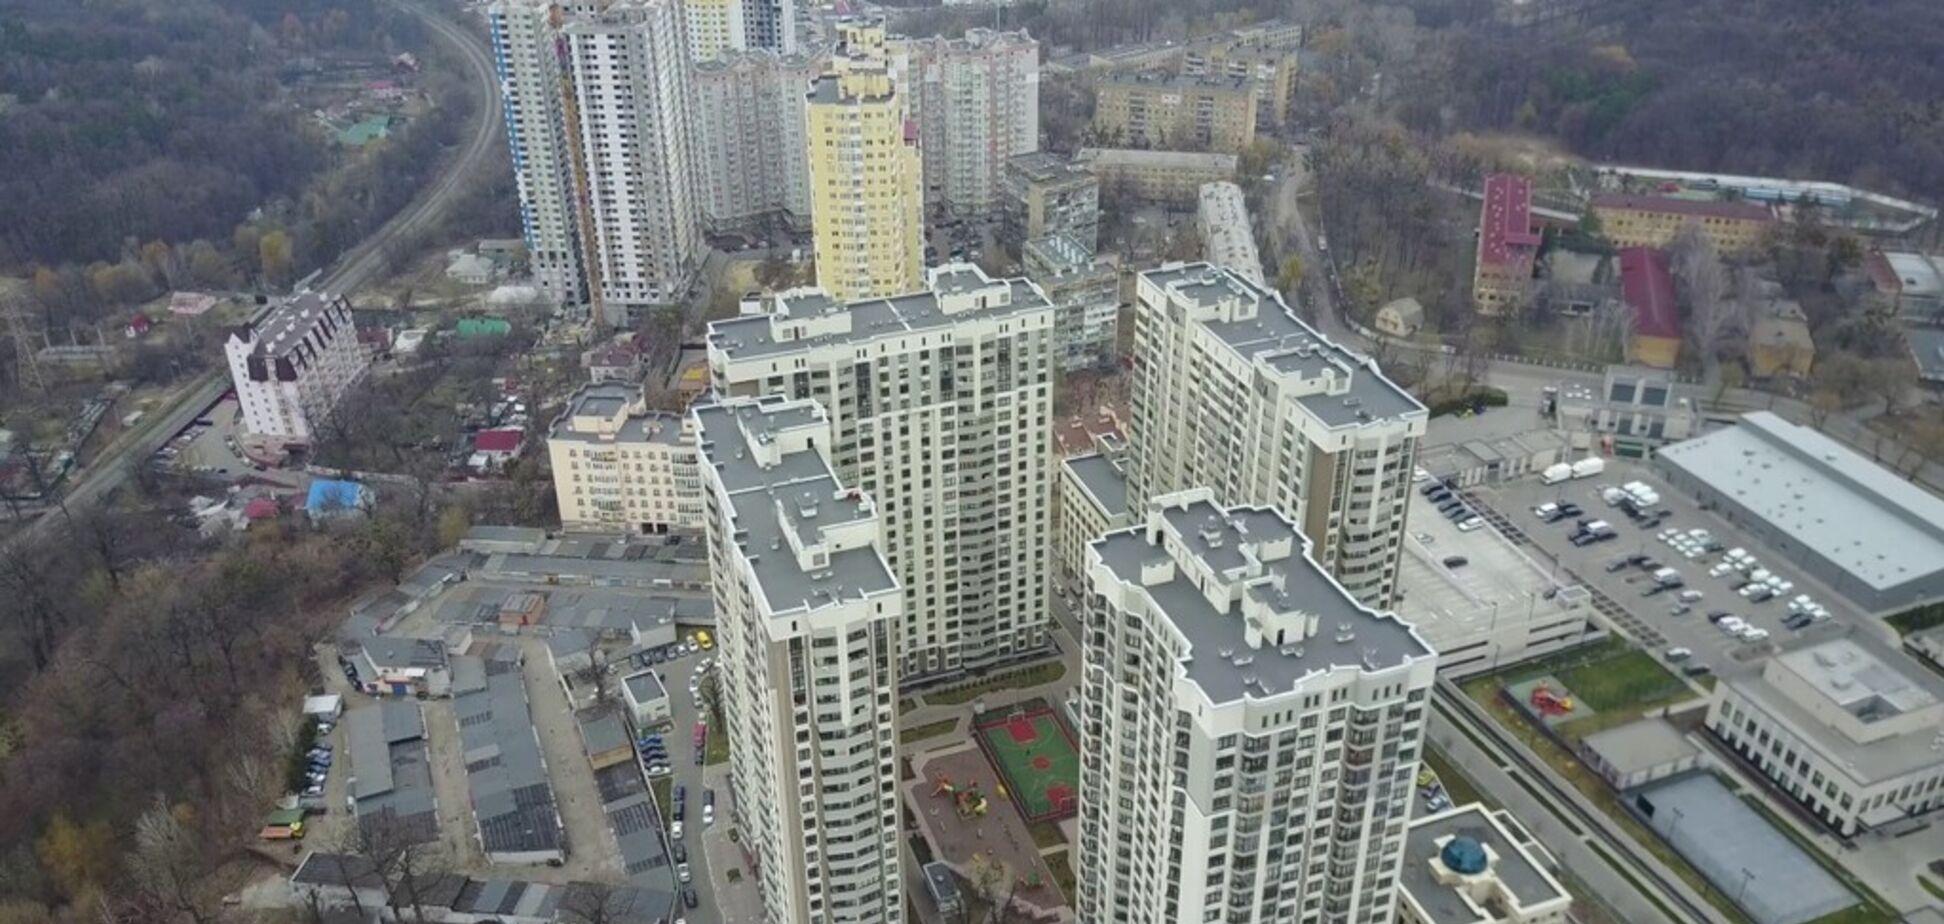 Чтобы не ждать квартиру 150 лет: украинцам предложили решение жилищной проблемы